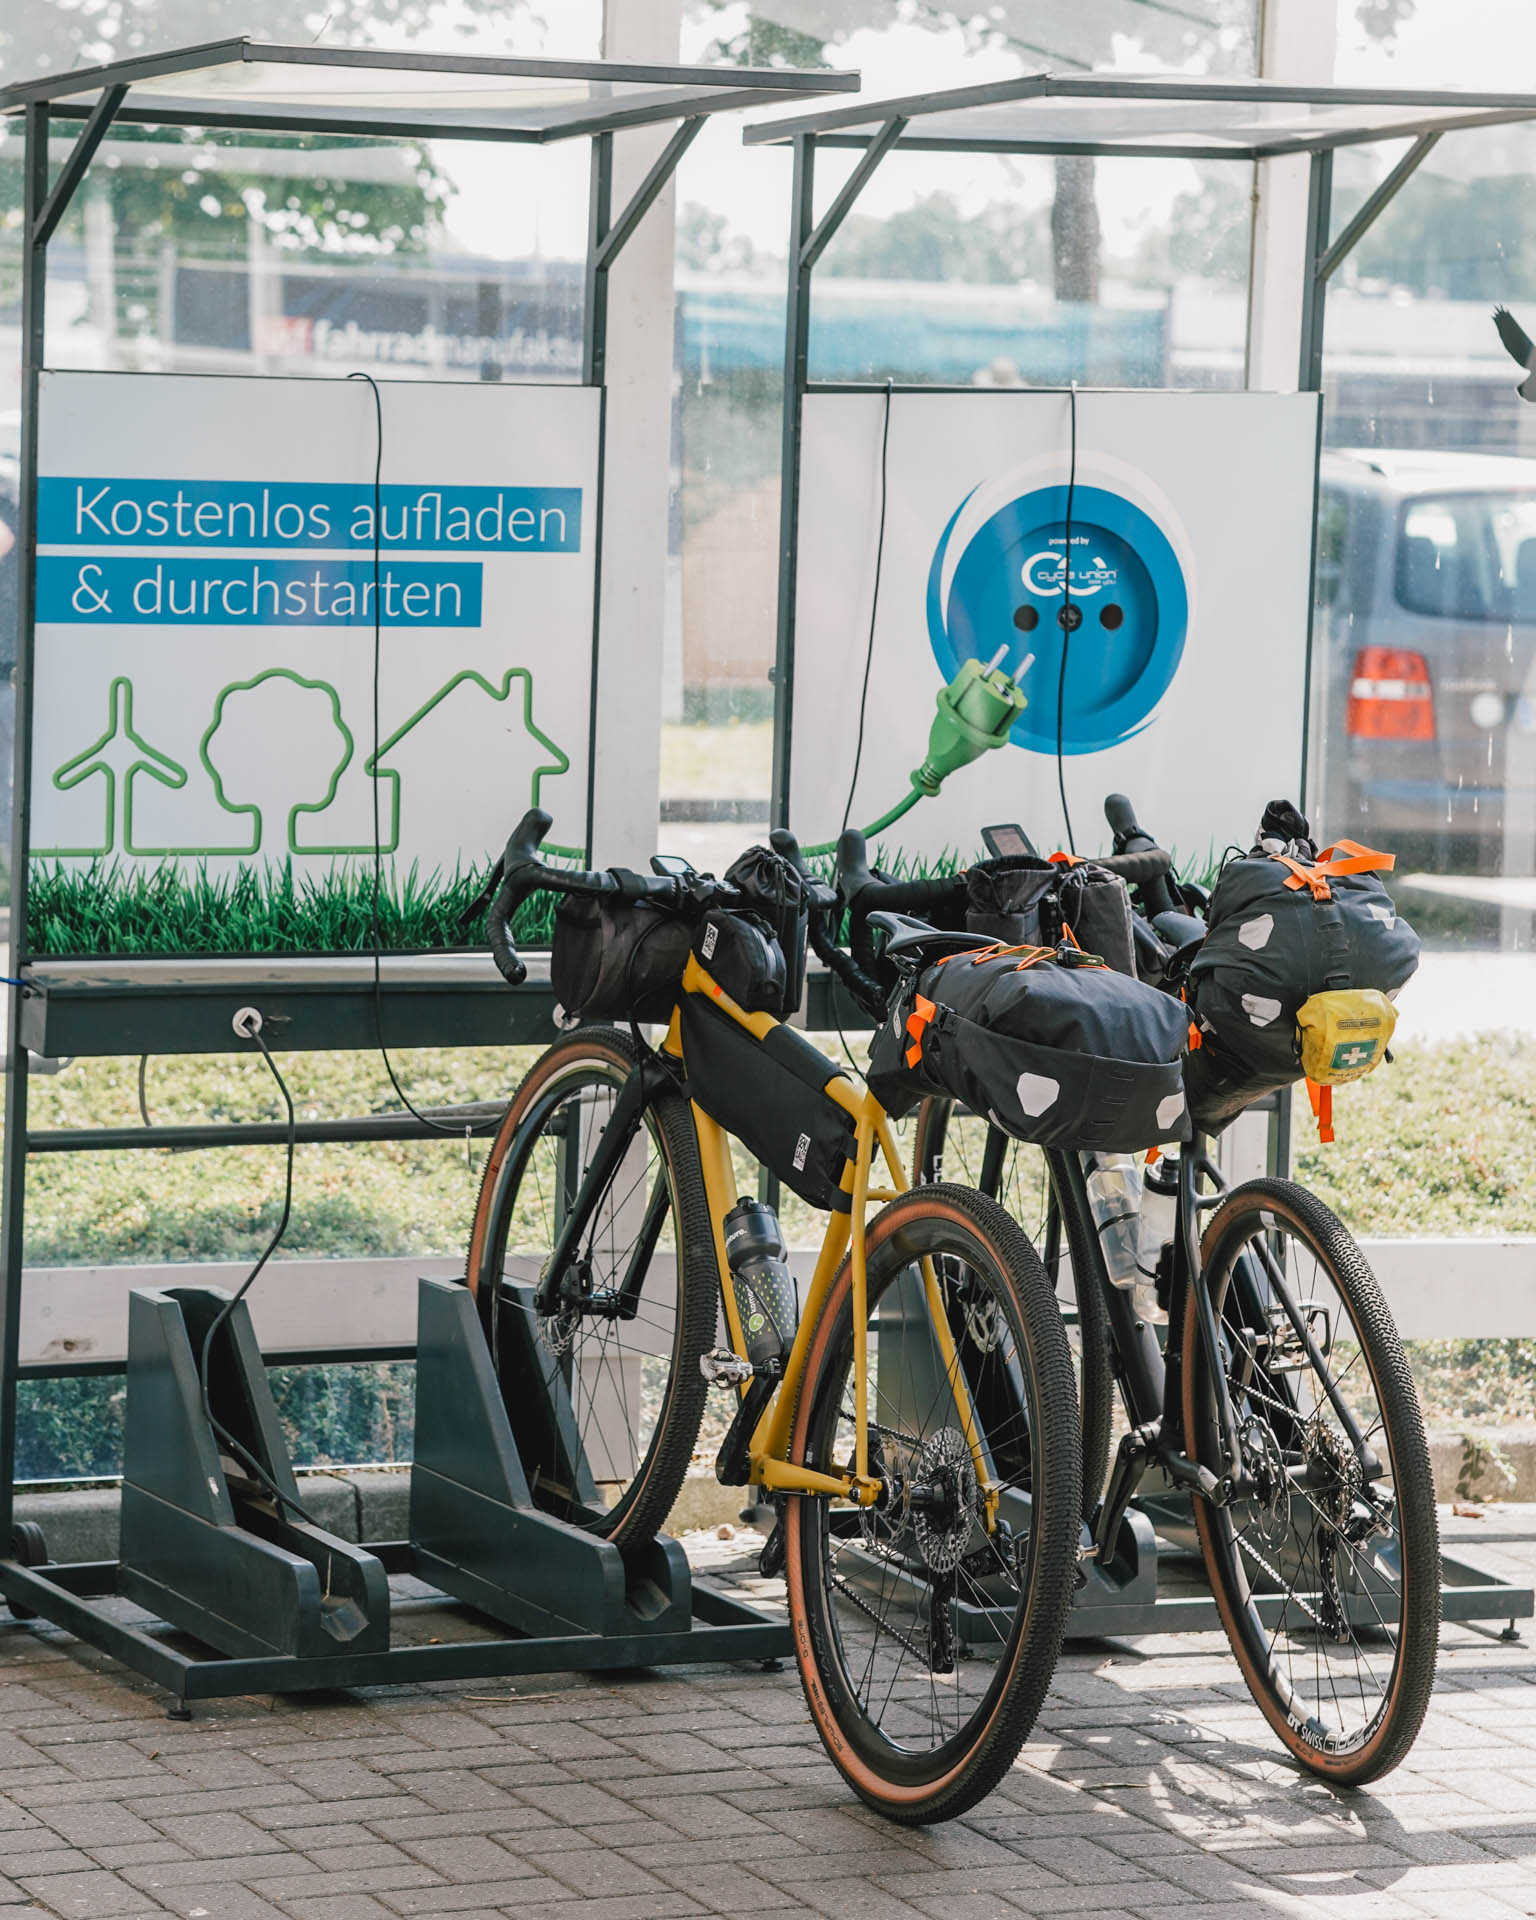 Fahrräder am Ladestand